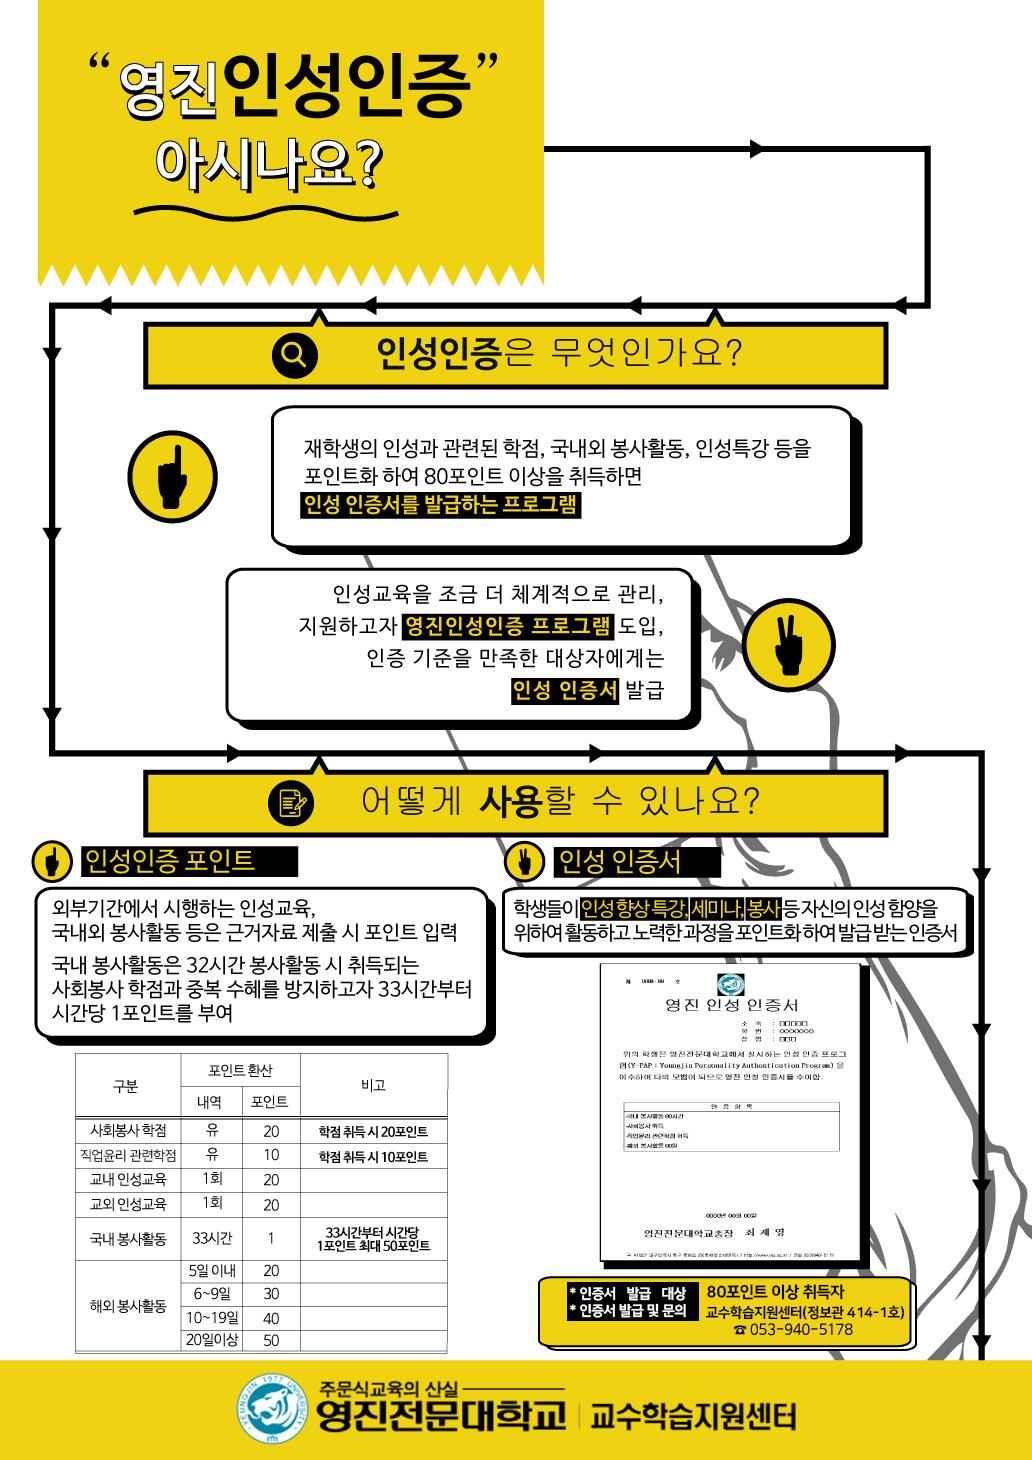 영진인성인증프로그램_리뉴얼1.jpg